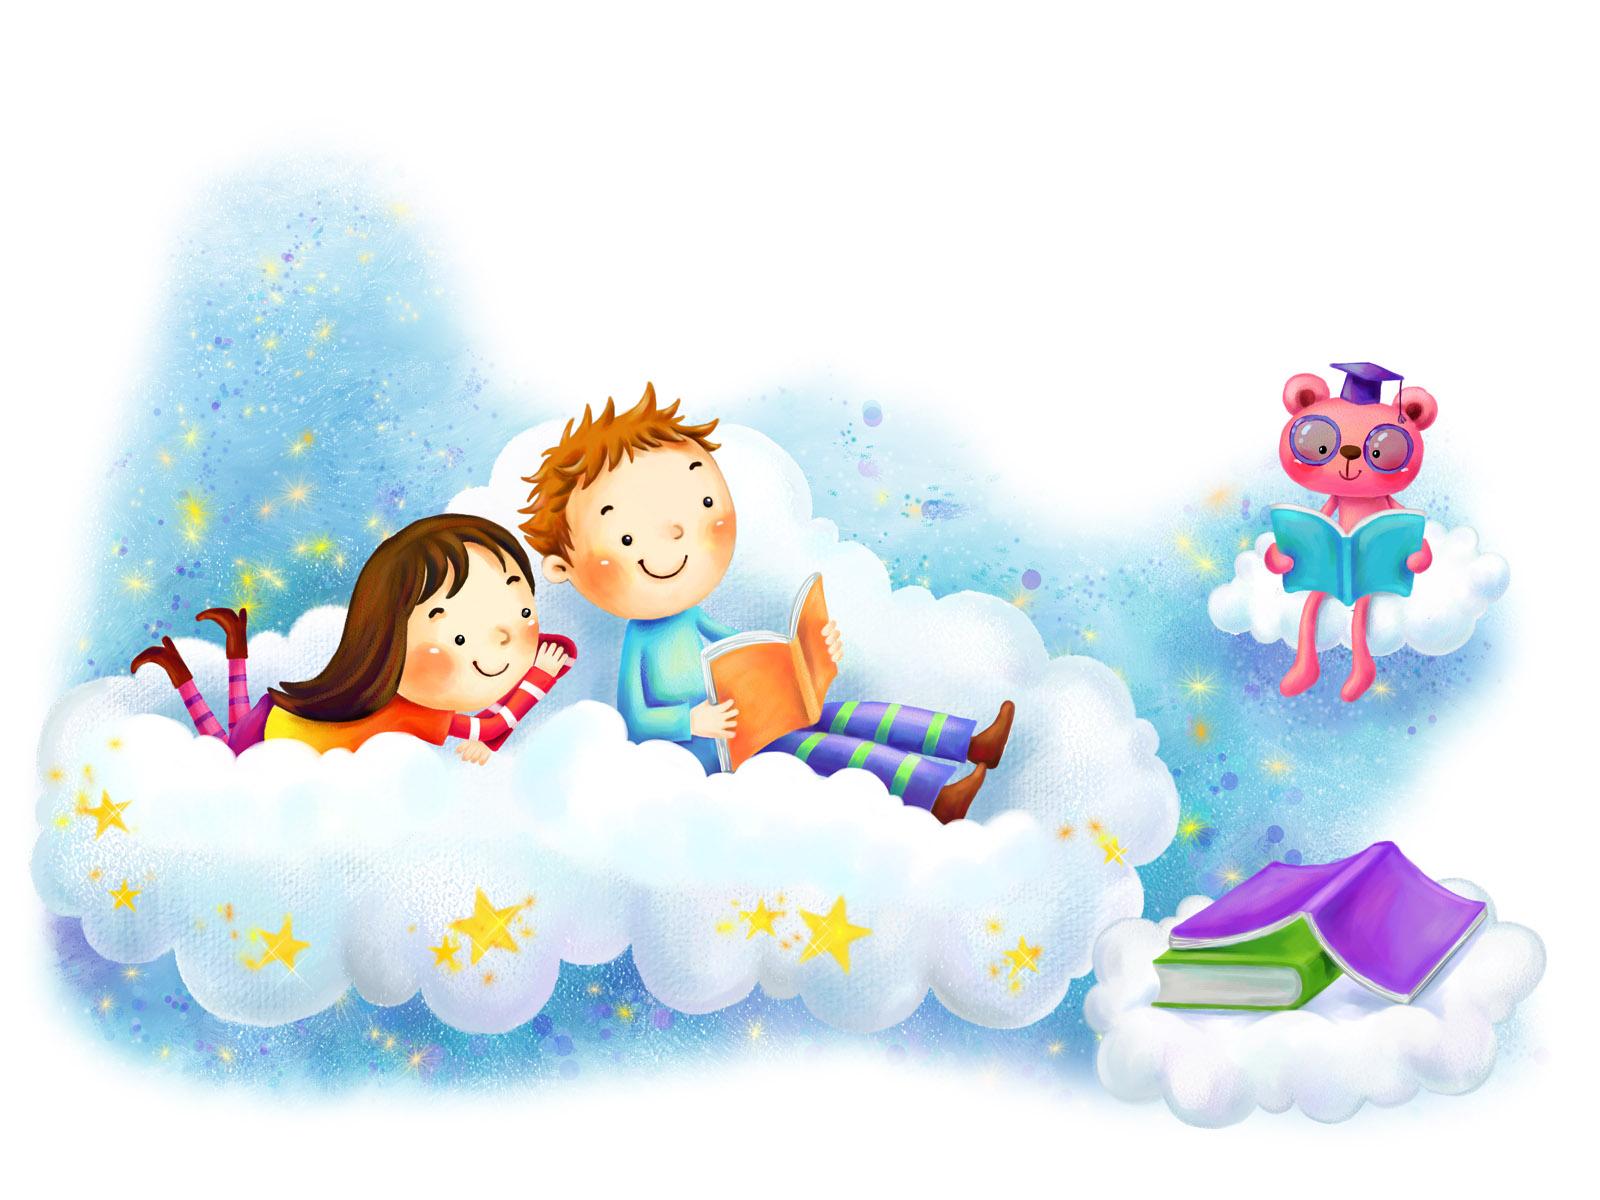 nenes leyendo